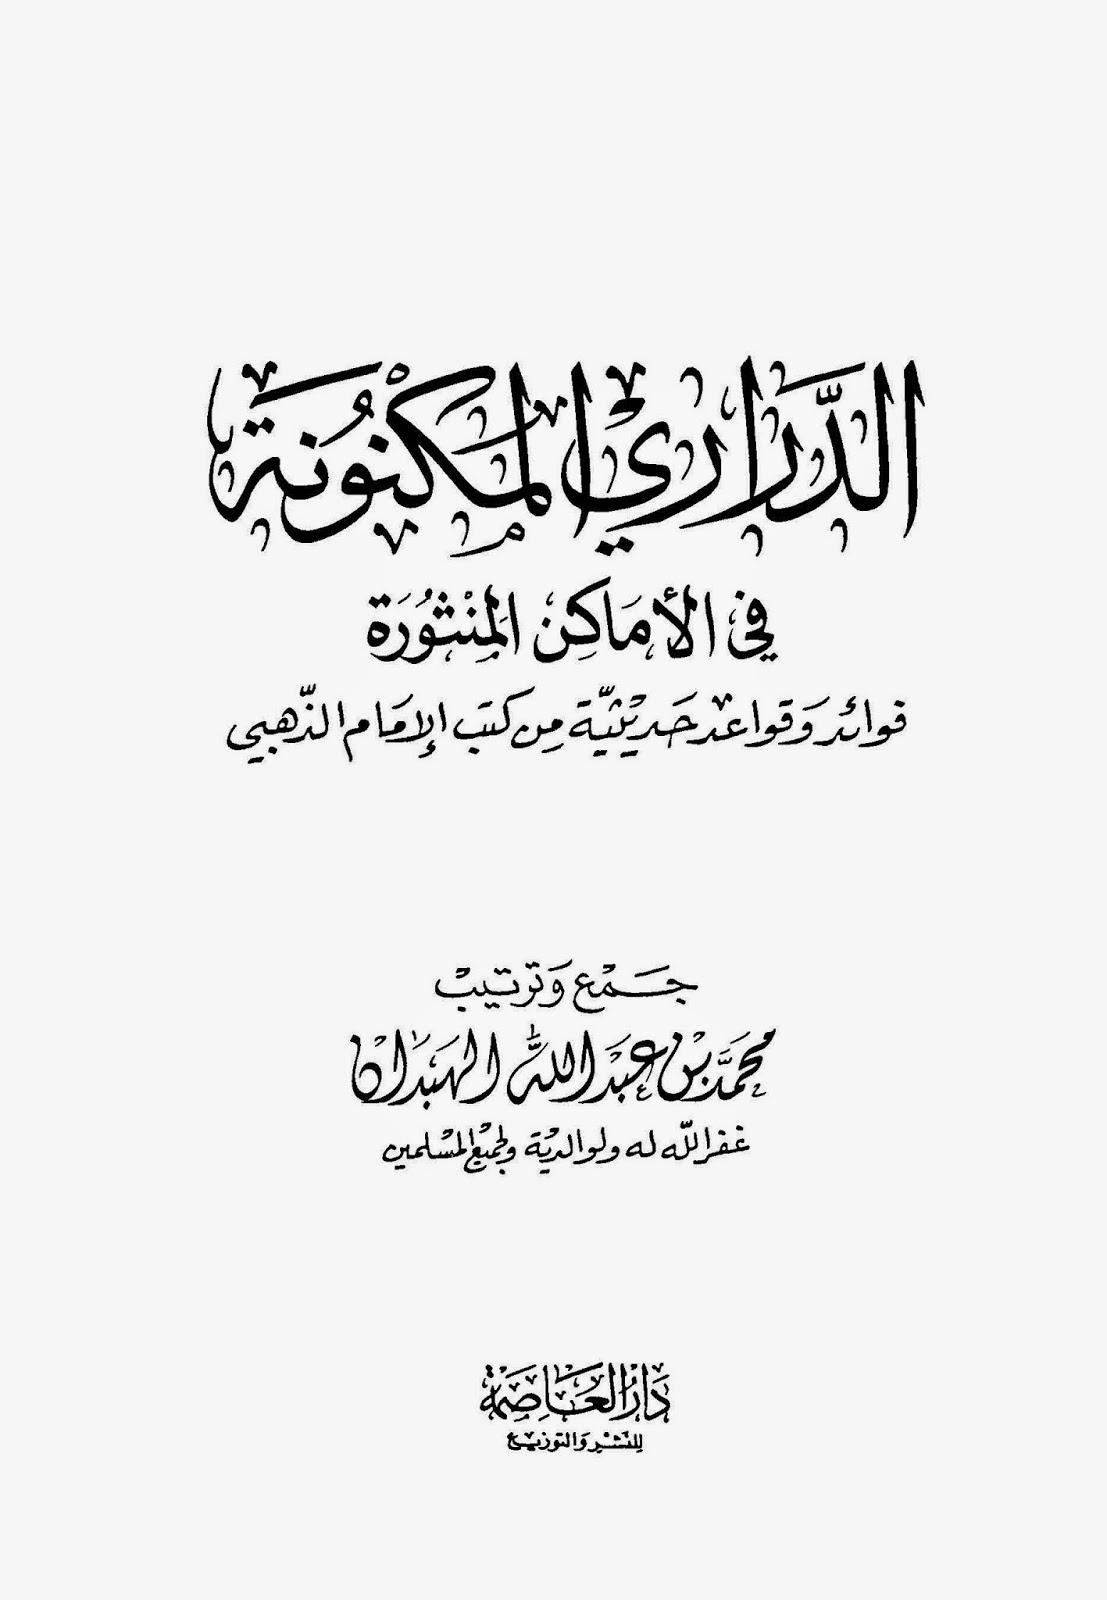 الدراري المكنونة في الأماكن المنثورة فوائد وقواعد حديثية من كتب الإمام الذهبي - محمد الهبدان pdf